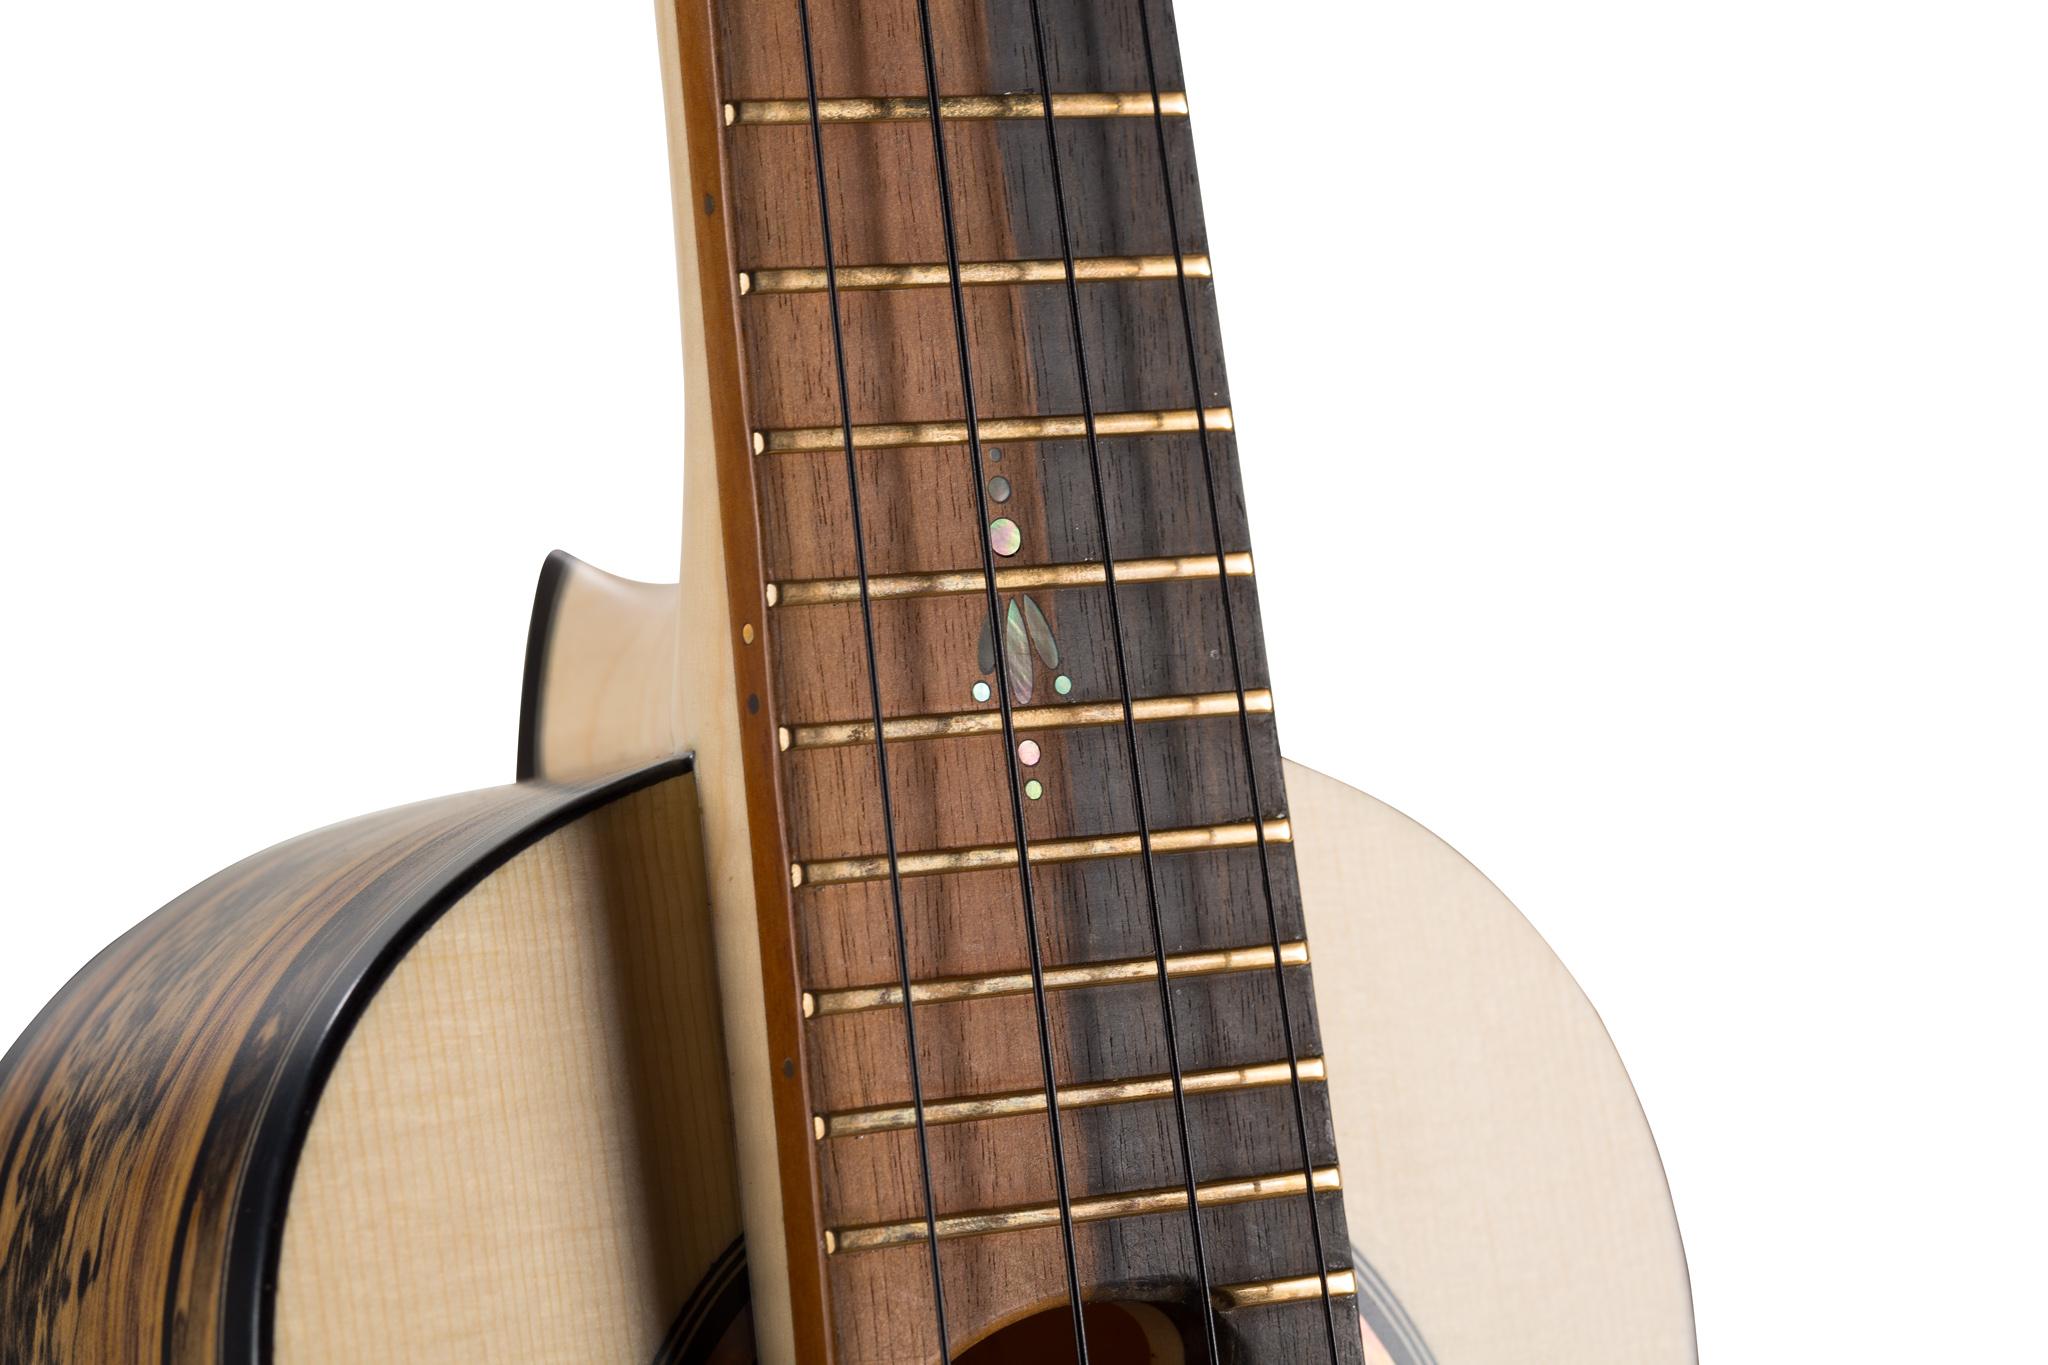 ukulele inlay at 12th fret